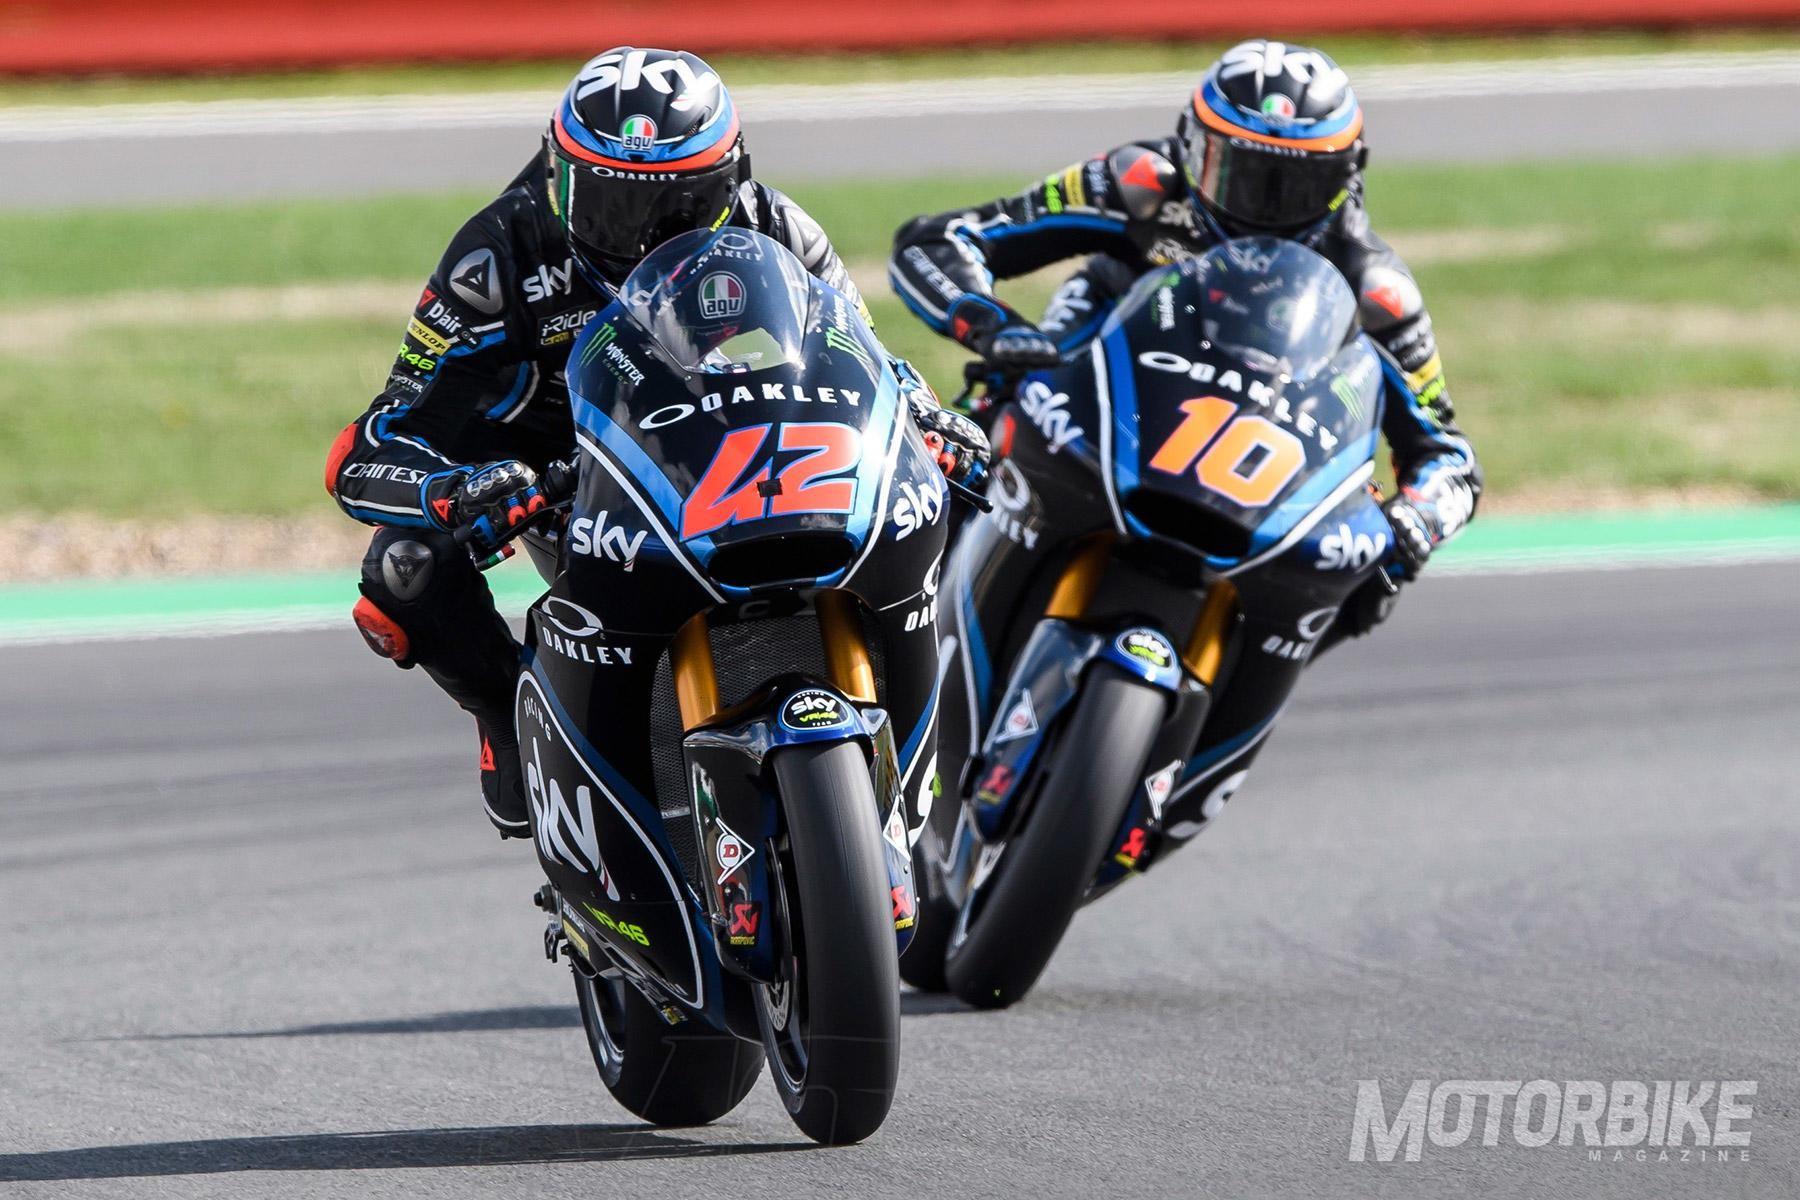 Moto2 Silverstone: Así quedan las cosas tras la cancelación de la carrera - Motorbike Magazine